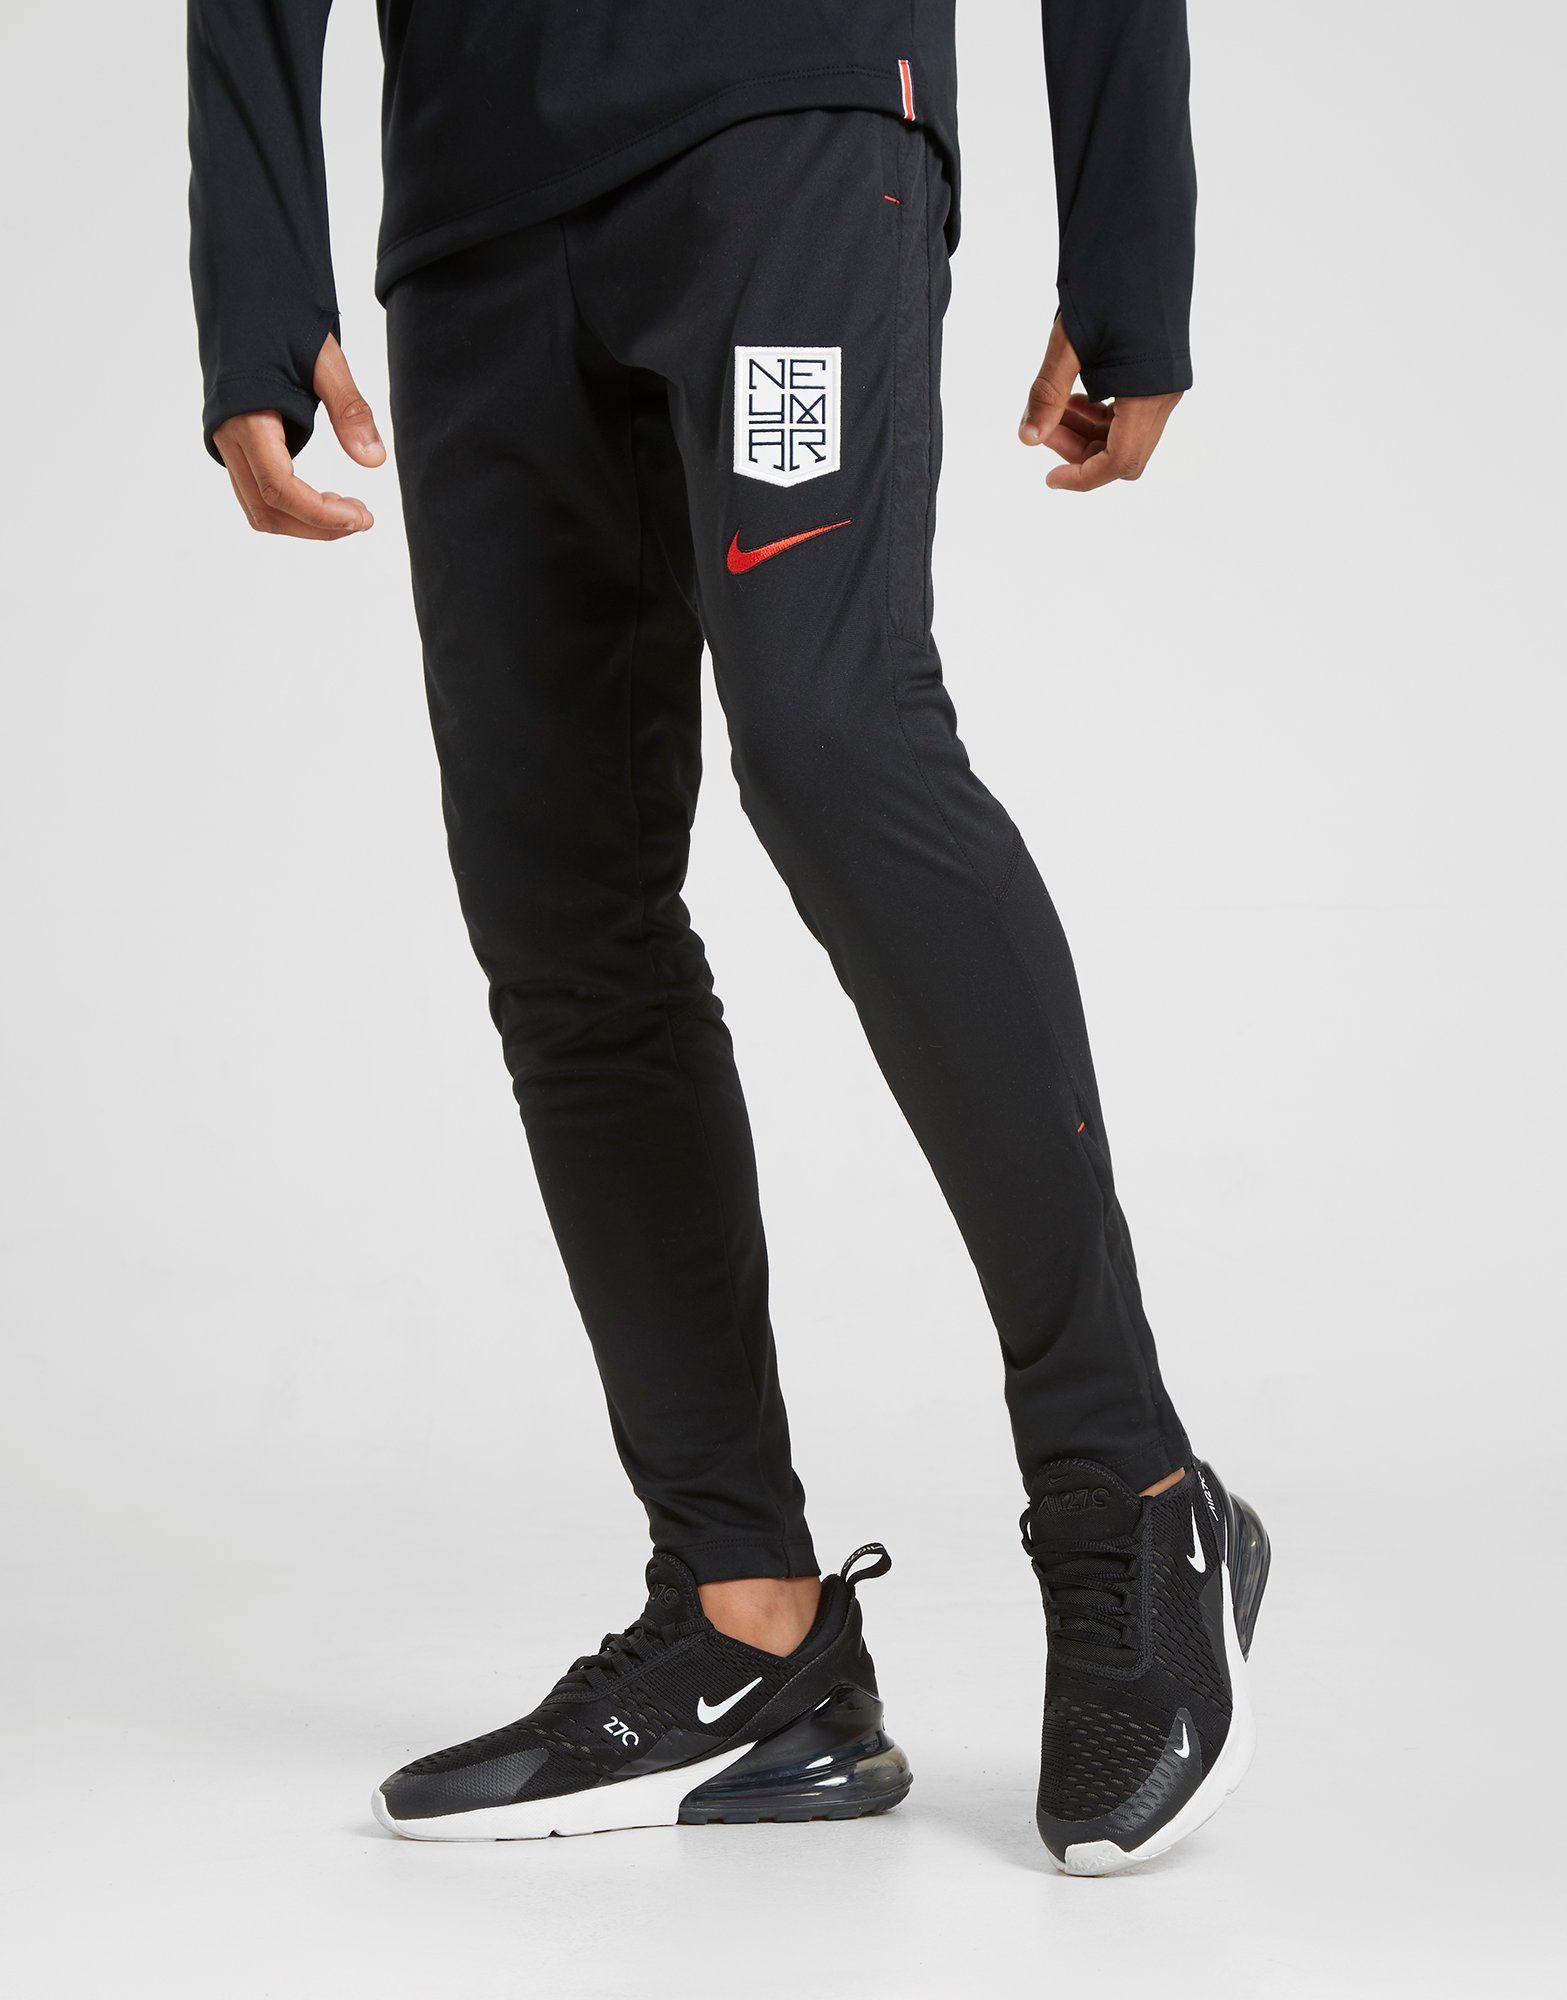 065fa71487ff NIKE Nike Dri-FIT Neymar Jr. Older Kids  Football Pants